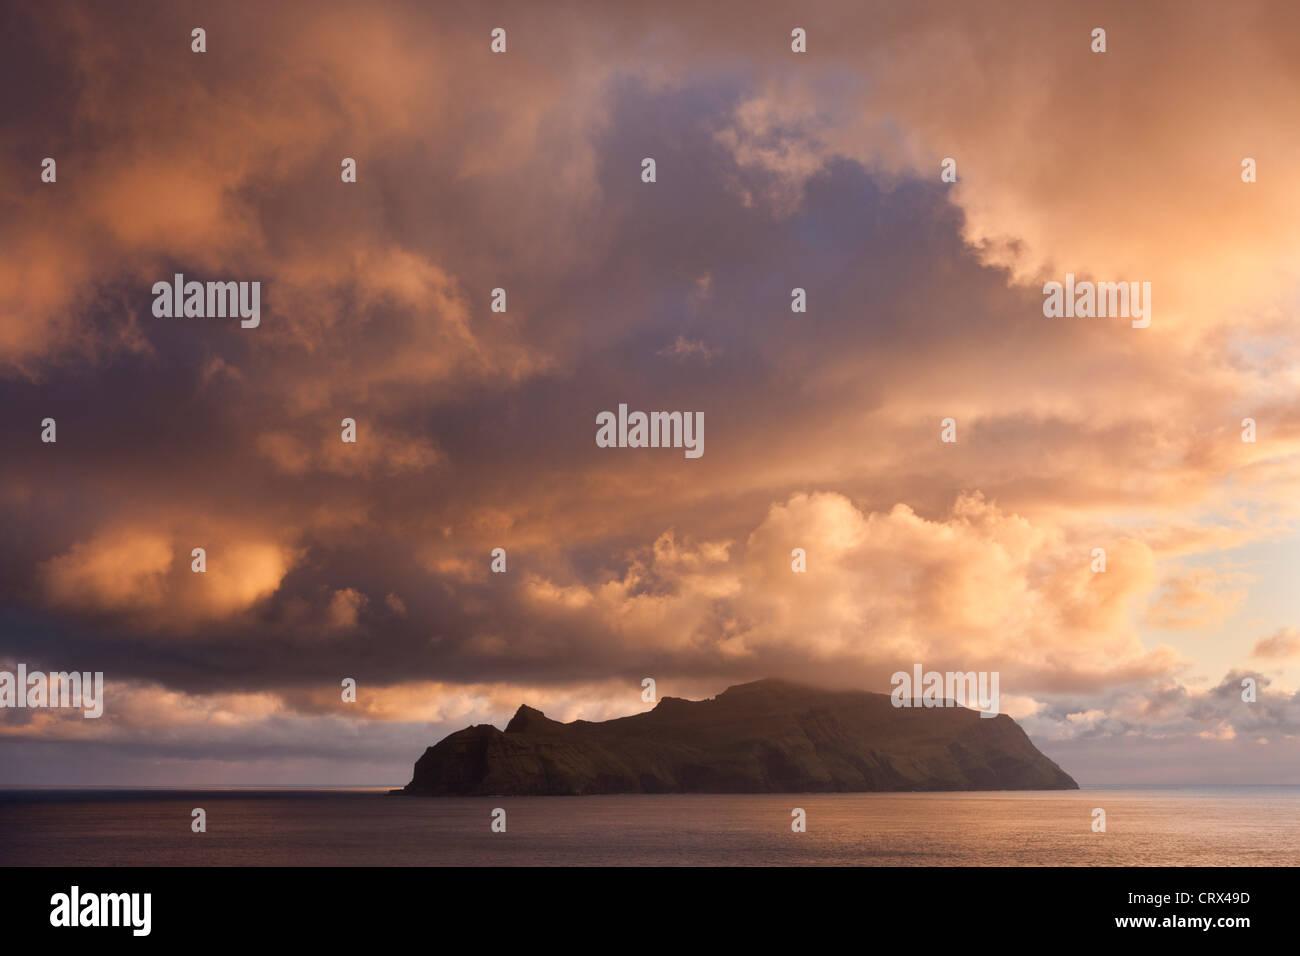 Spectaculaire coucher de ciel au-dessus de l'île de Mykines, aux îles Féroé. Printemps (mai) 2012. Banque D'Images